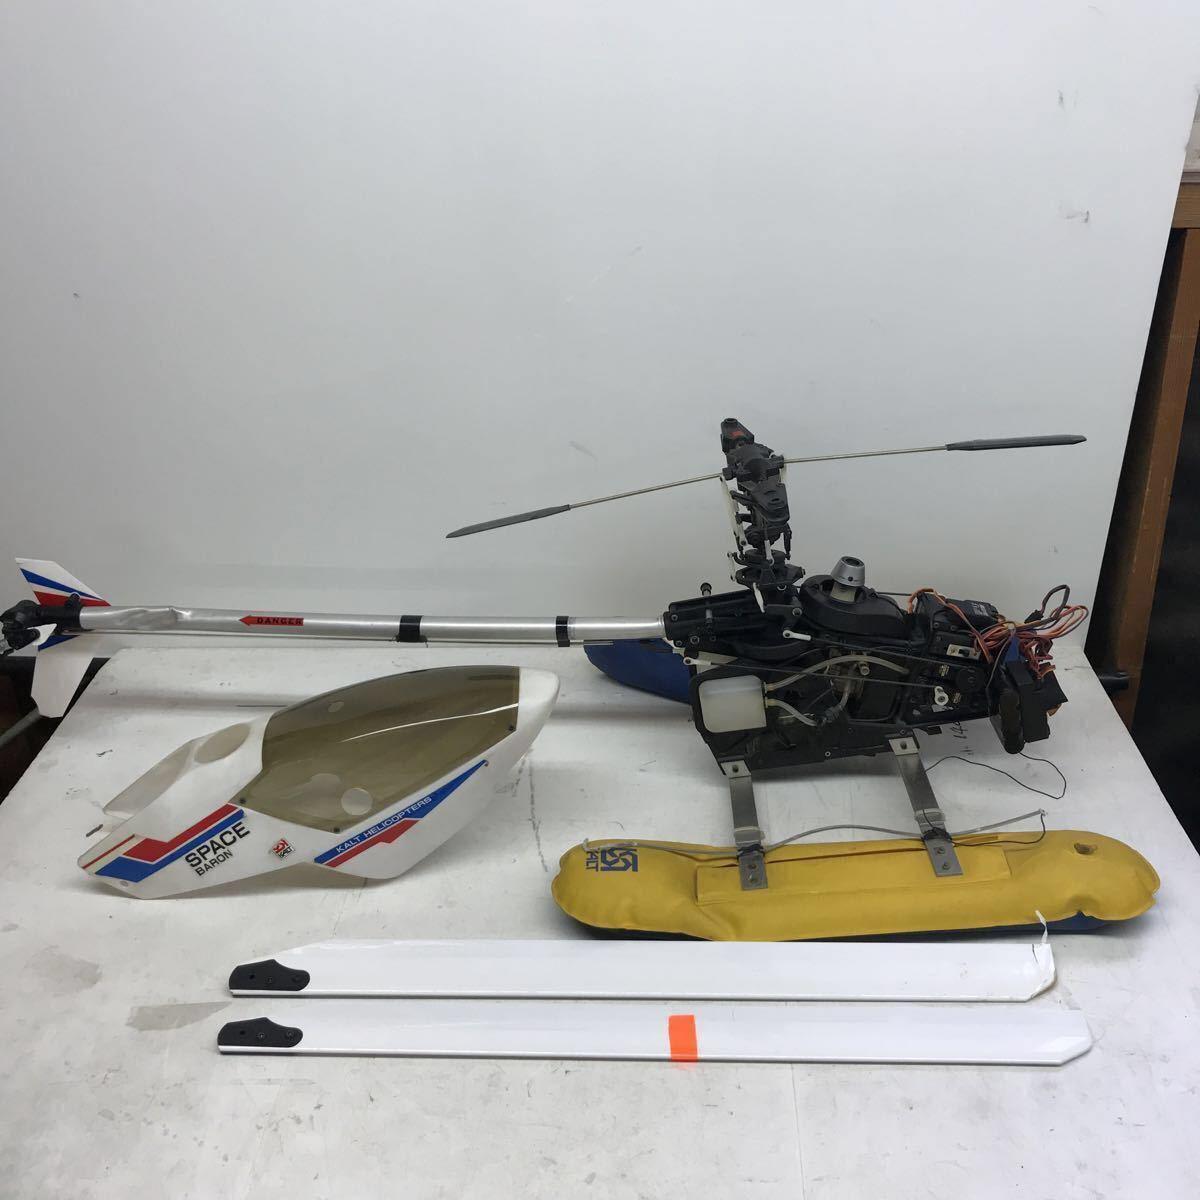 KALT SPACE BARON カルト製 スペースバロン ラジコン ヘリコプター ジャンク